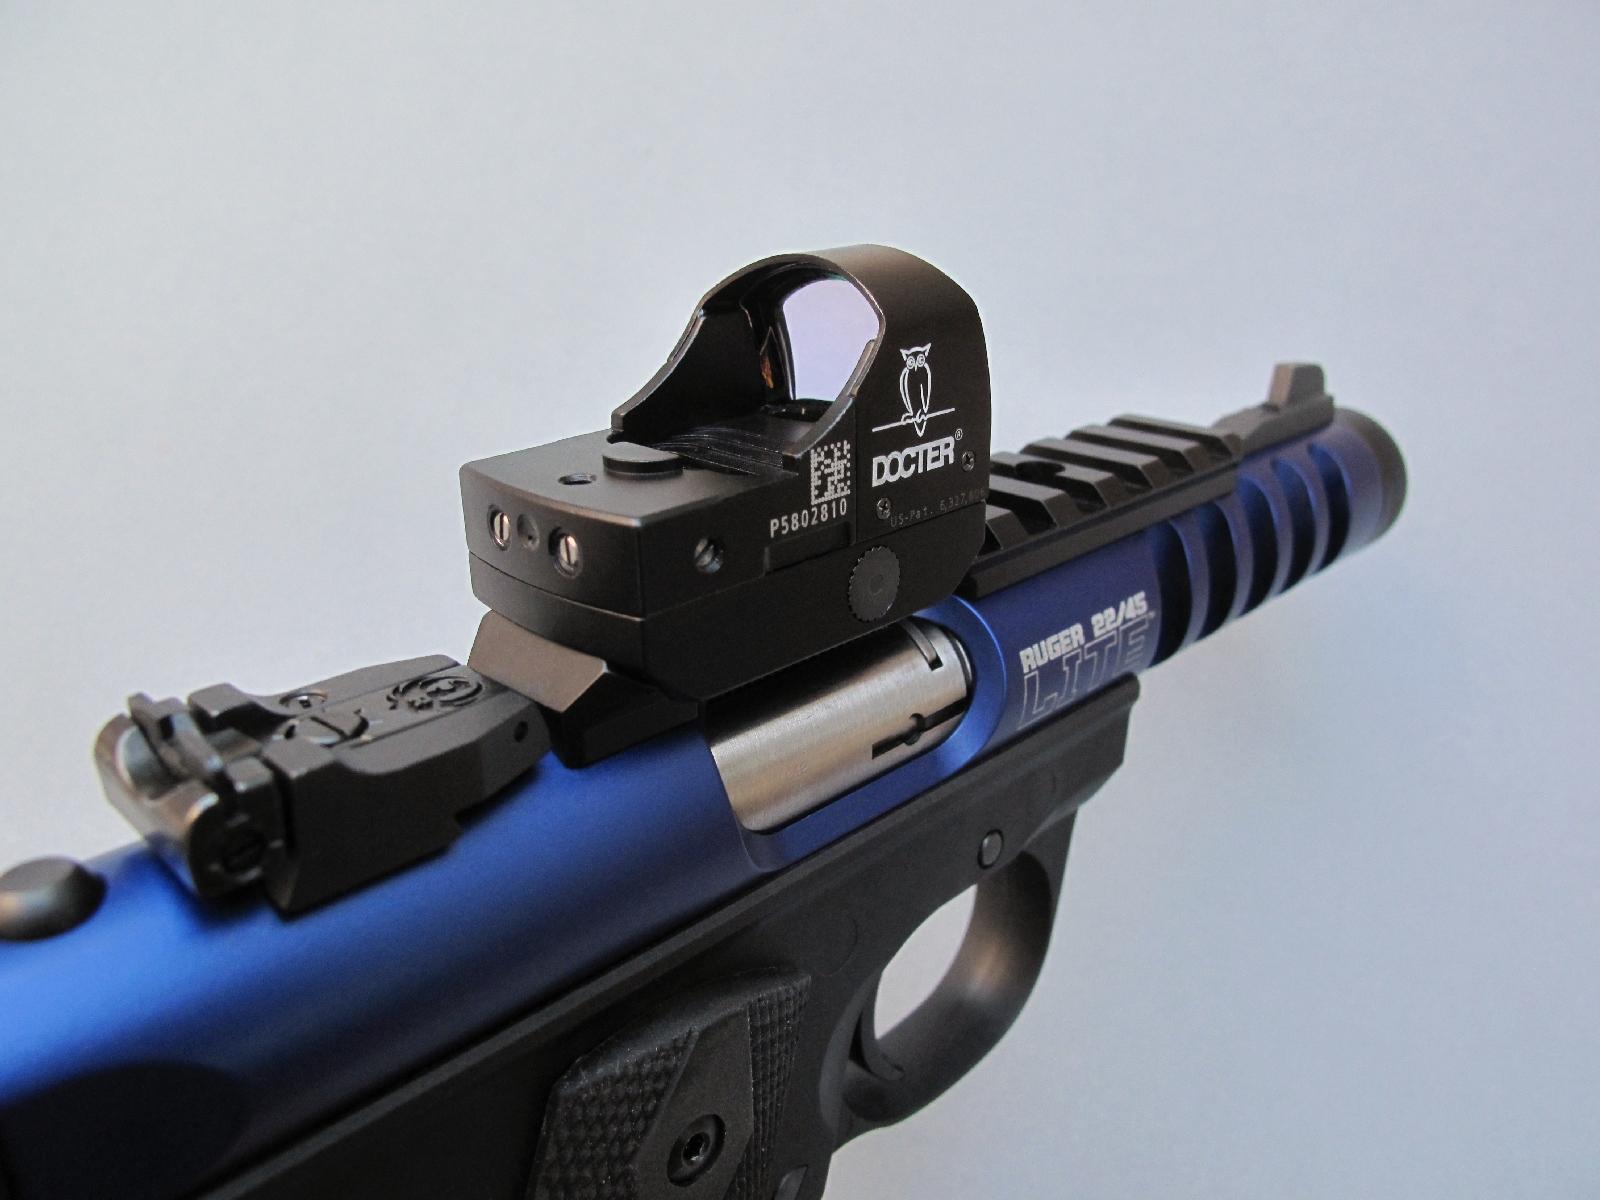 Equipé d'une platine dédiée permettant sa fixation sur un rail Picatinny, le Docter peut être instantanément installé sur un pistolet Ruger 22/45 Lite où il présente l'intérêt de n'apporter qu'un supplément de poids négligeable, de l'ordre de 50 grammes.